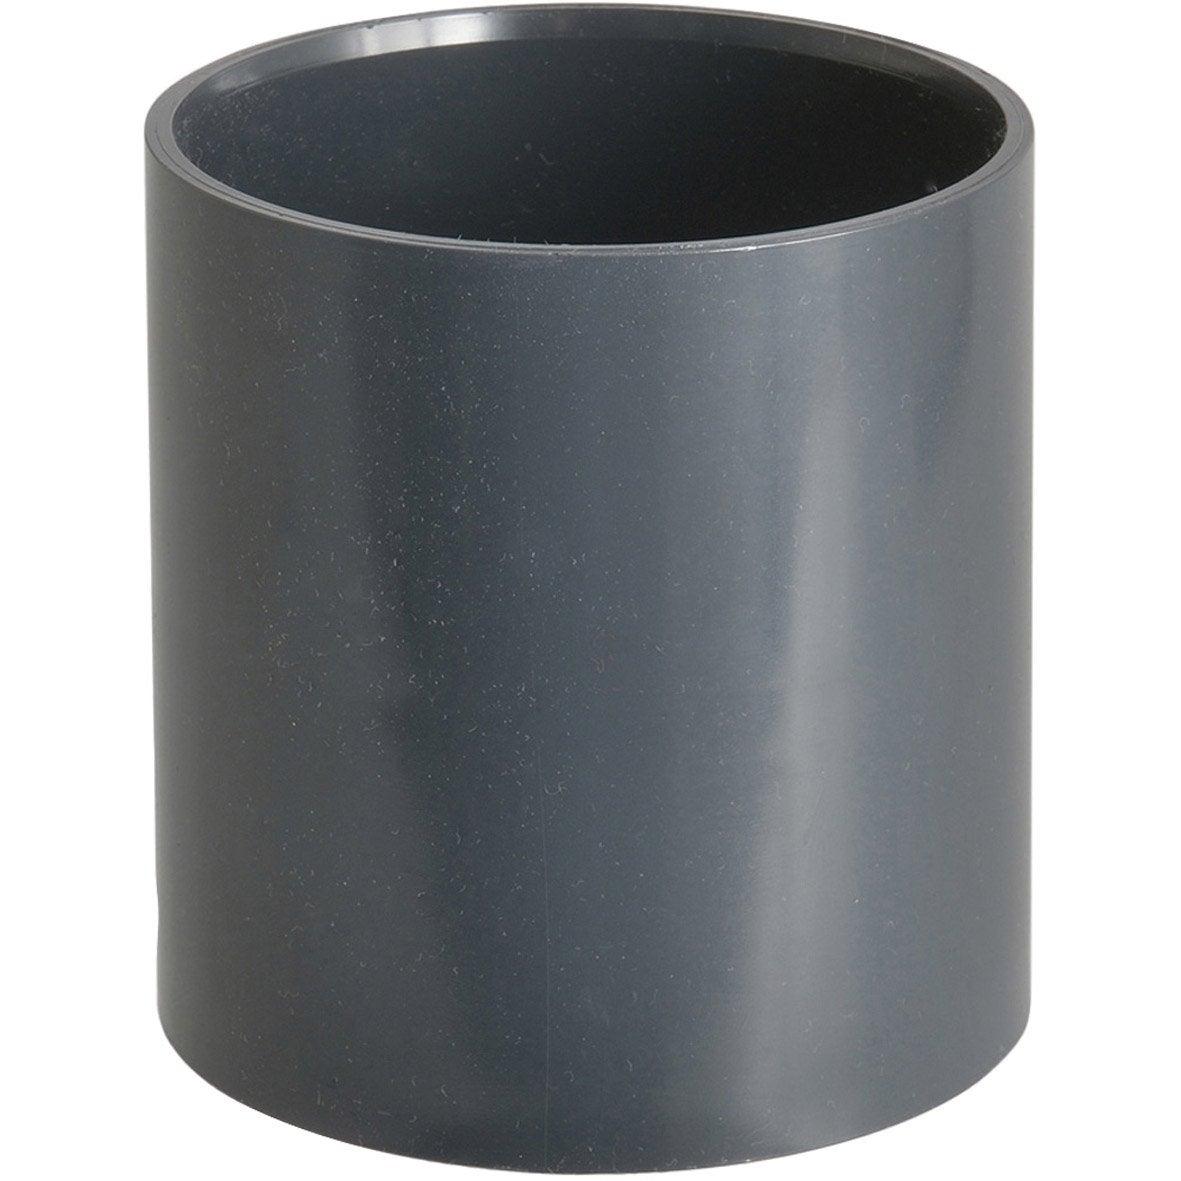 Comment Coller De L Ardoise manchon à coller pvc ardoise girpi, dév.16 cm diam.50 mm